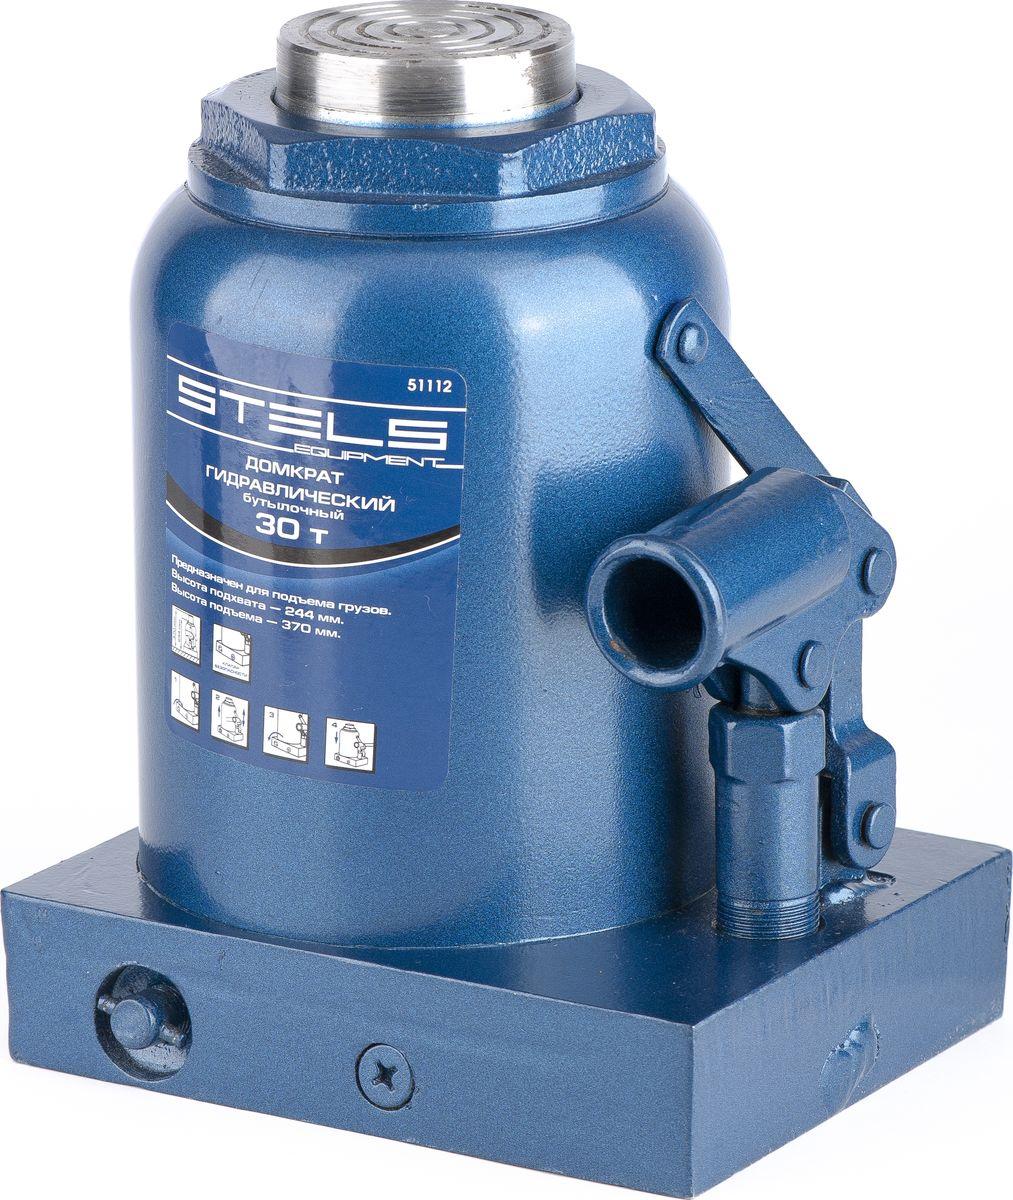 Домкрат гидравлический бутылочный Stels, 30 т, высота подъема 244–370 мм72/14/7Гидравлический домкрат STELS с клапаном безопасности предназначен для подъема груза массой до 30 тонн. Домкрат является незаменимым инструментом в автосервисе, часто используется при проведении ремонтно-строительных работ. Минимальная высота подхвата домкрата STELS составляет 24,4 см. Максимальная высота, на которую домкрат может поднять груз, составляет 37 см. Этой высоты достаточно для установки жесткой опоры под поднятый груз и проведения ремонтных работ. Клапан безопасности предотвращает подъем груза, масса которого превышает массу заявленную производителем. Также домкрат оснащен магнитным собирателем, исключающим наличие стружки в масле цилиндра, что значительно сокращает риск поломки домкрата. Основание сделано из стали. ВНИМАНИЕ! Домкрат не предназначен для длительного поддерживания груза на весу либо для его перемещения. Перед подъемом убедитесь, что груз распределен равномерно по центру опорной поверхности домкрата. Масса поднимаемого груза не должна превышать массу, указанную производителем. Домкрат во время работы должен быть установлен на горизонтальной ровной и твердой поверхности. После поднятия груза необходимо использовать специальные стойки-подставки для его поддерживания. Запрещается производить любого вида работы под поднятым грузом при отсутствии поддерживающих его подставок. Перед началом работы ознакомьтесь с инструкцией по эксплуатации изделия.